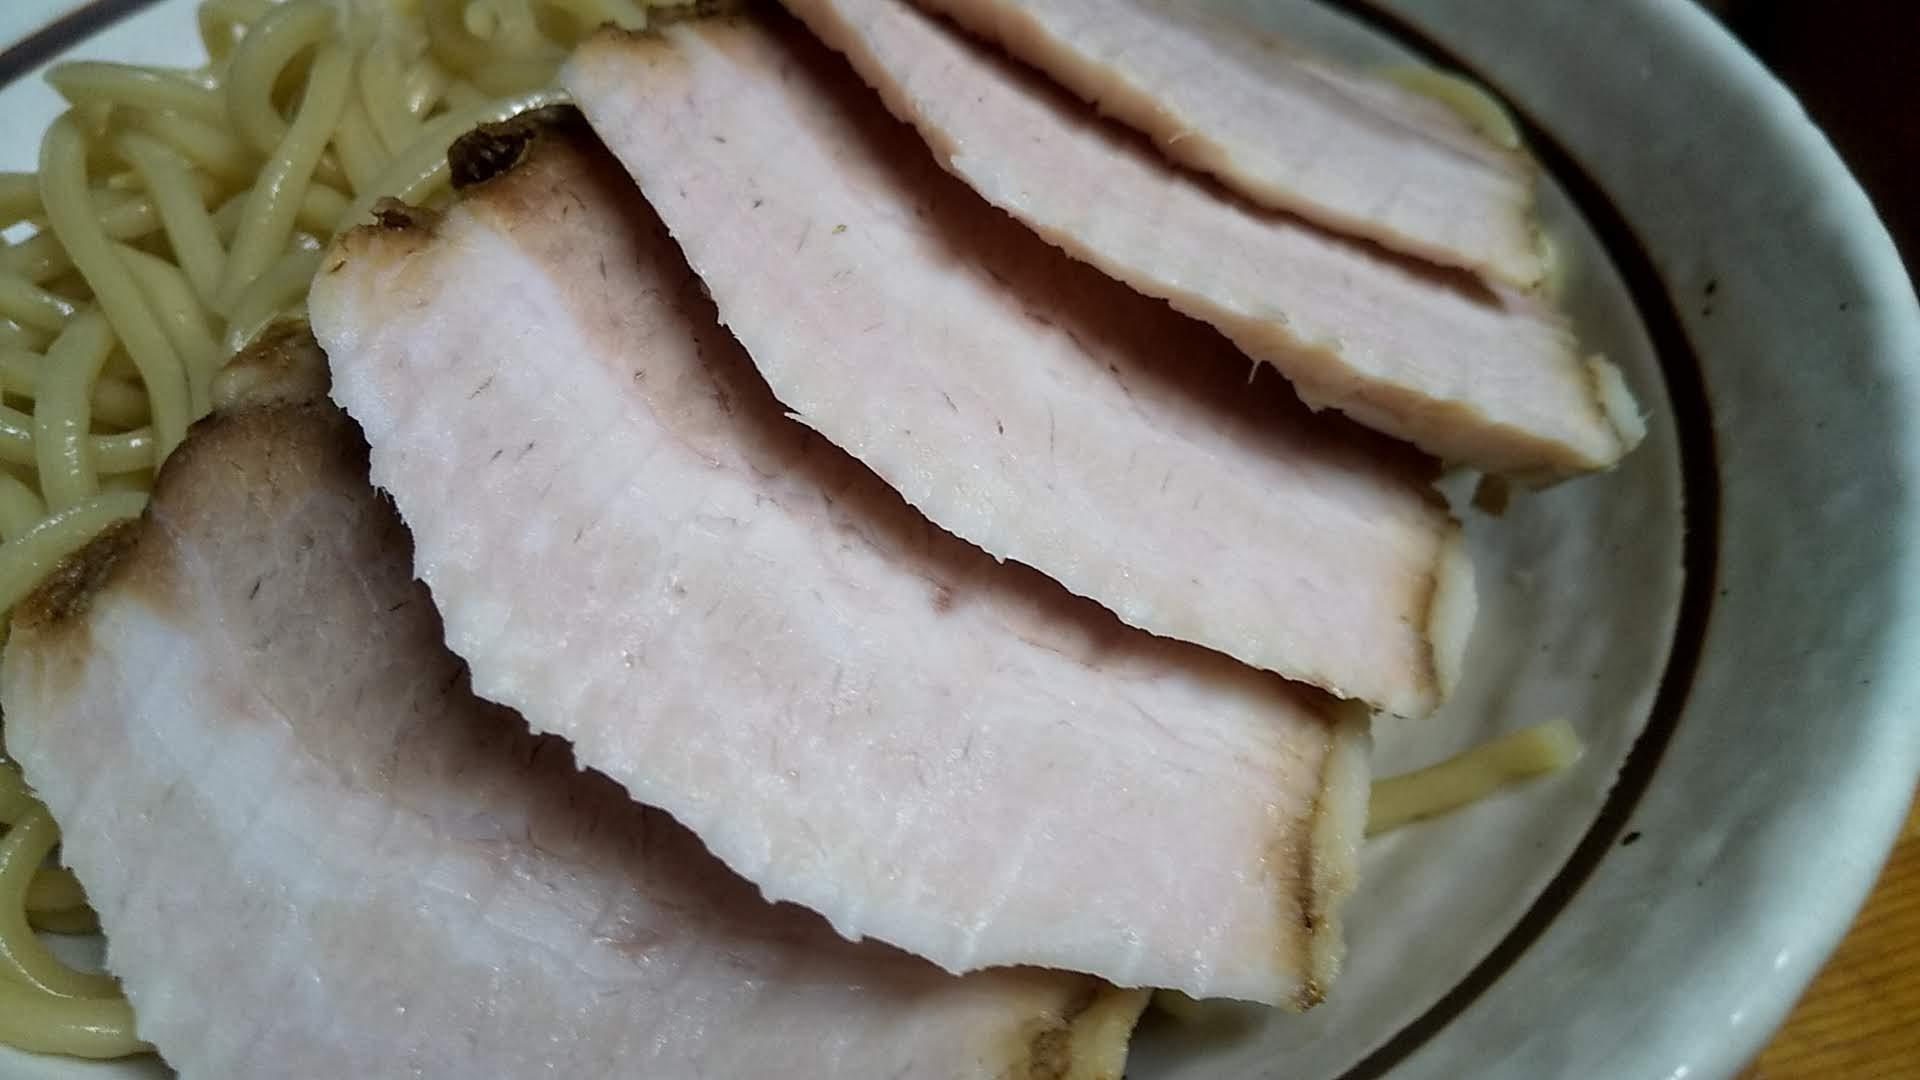 中華そばつけめん甲斐の味玉チャーシューつけ麺のチャーシューアップ写真